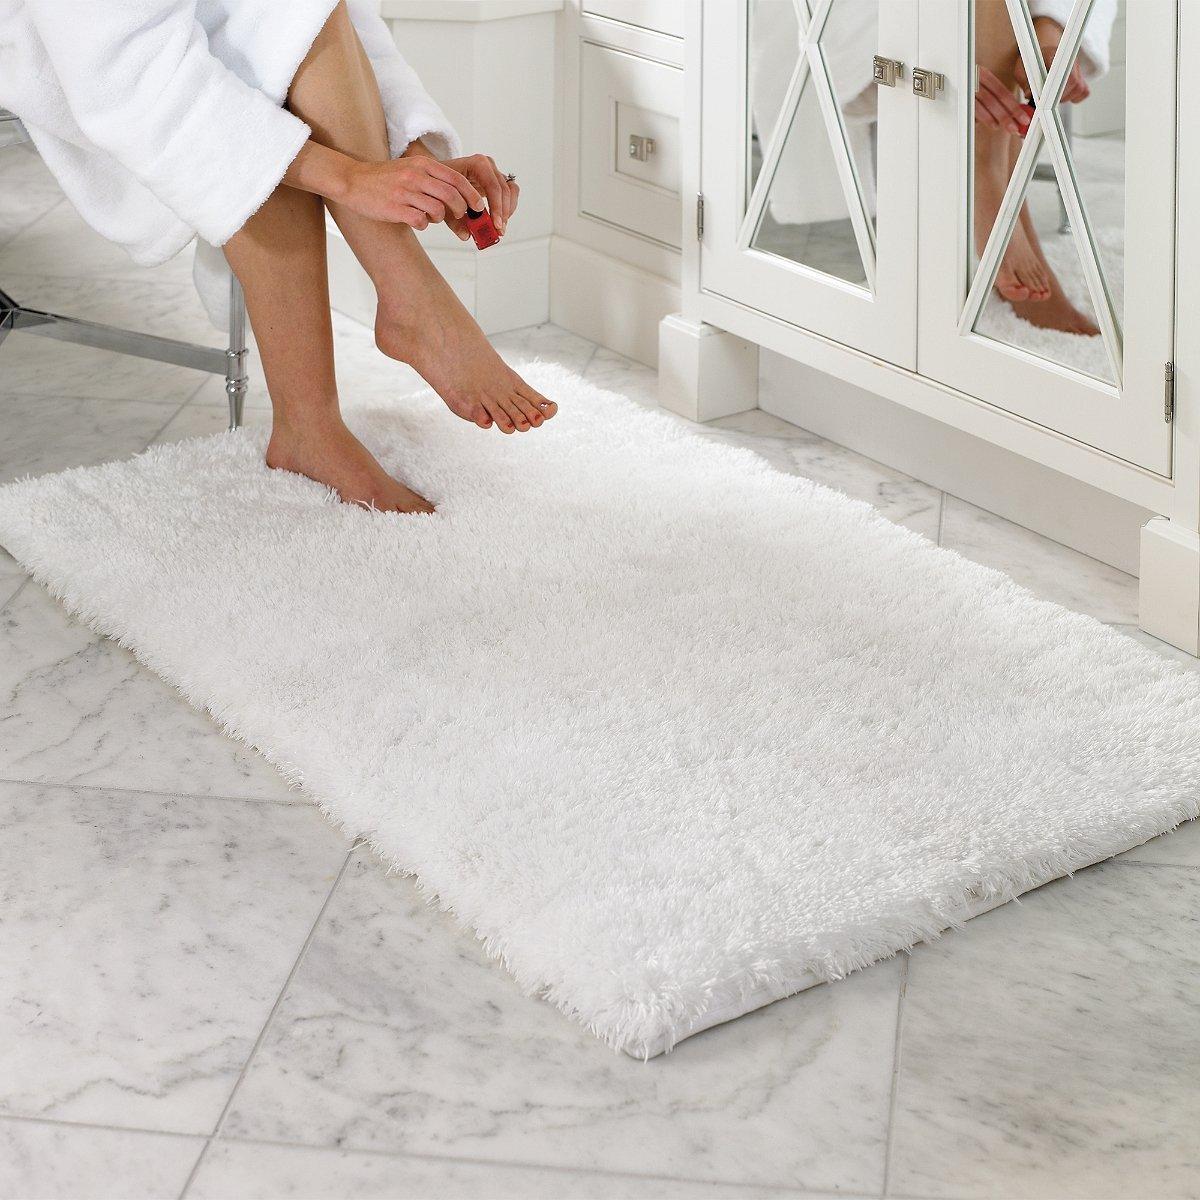 badezimmer zubeh r badewanne zur dusche umbau testsieger. Black Bedroom Furniture Sets. Home Design Ideas